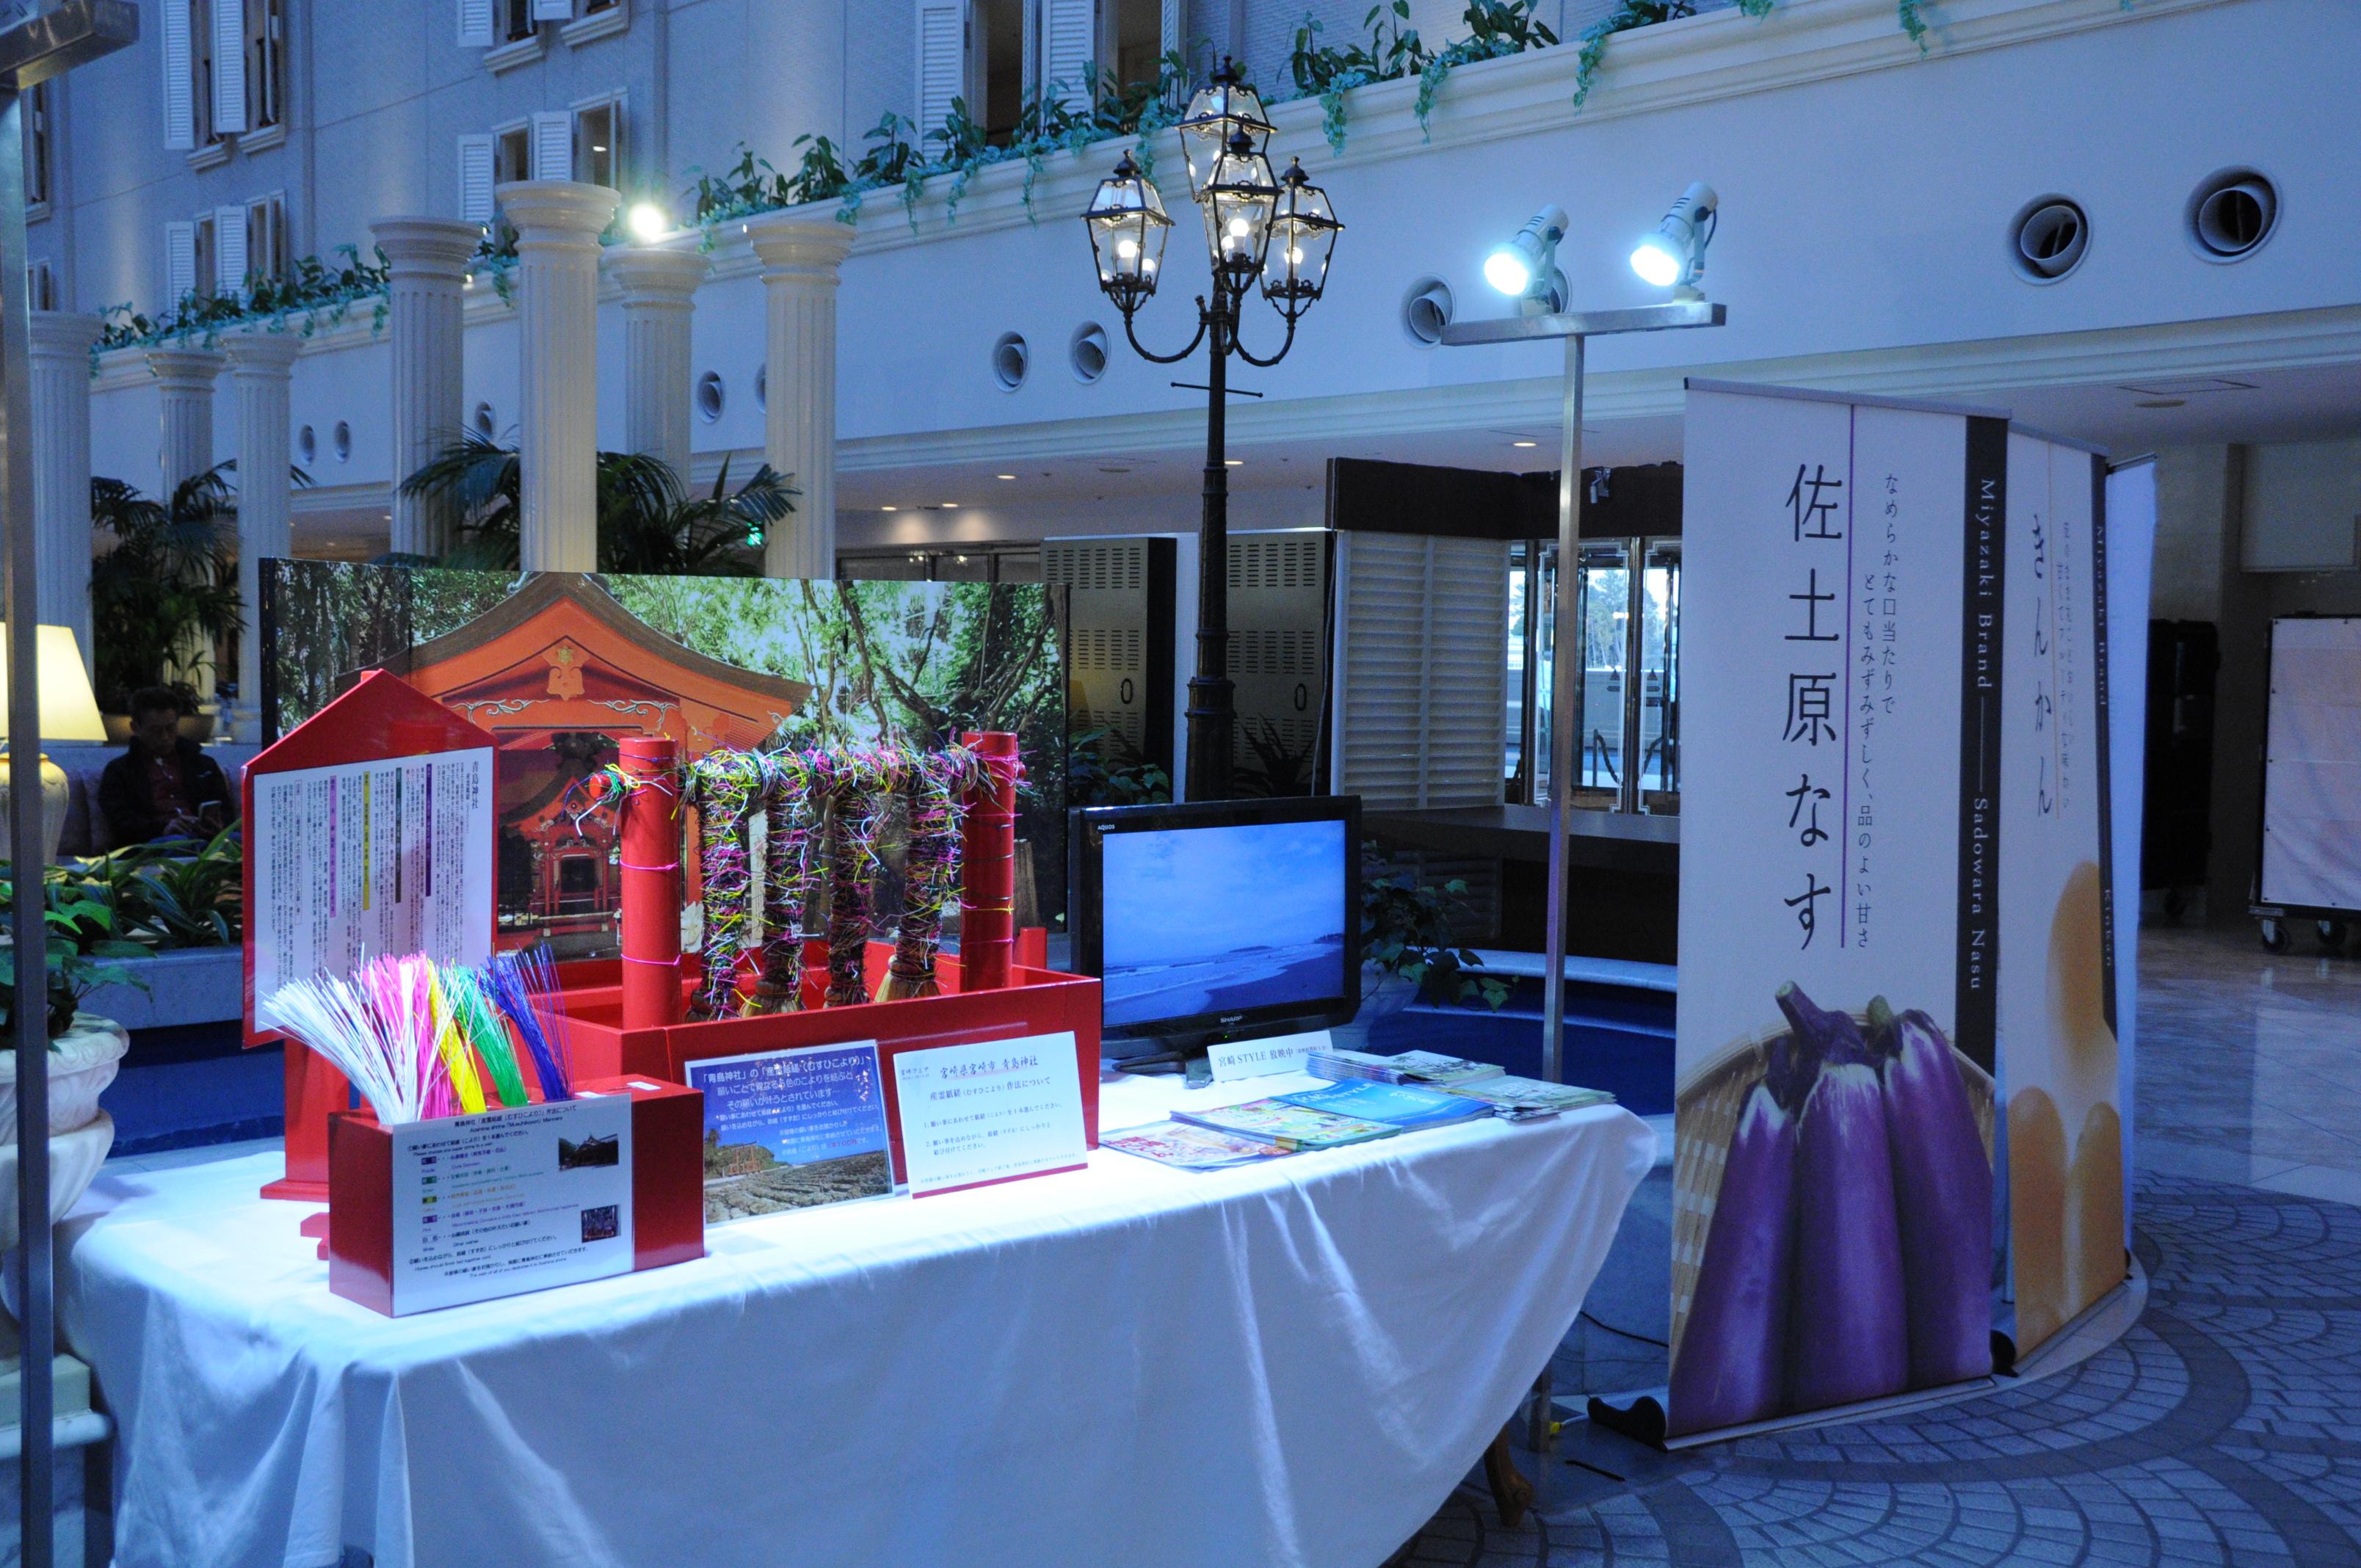 東京ディズニーリゾート®オフィシャルホテルで宮崎フェアバイキング開催